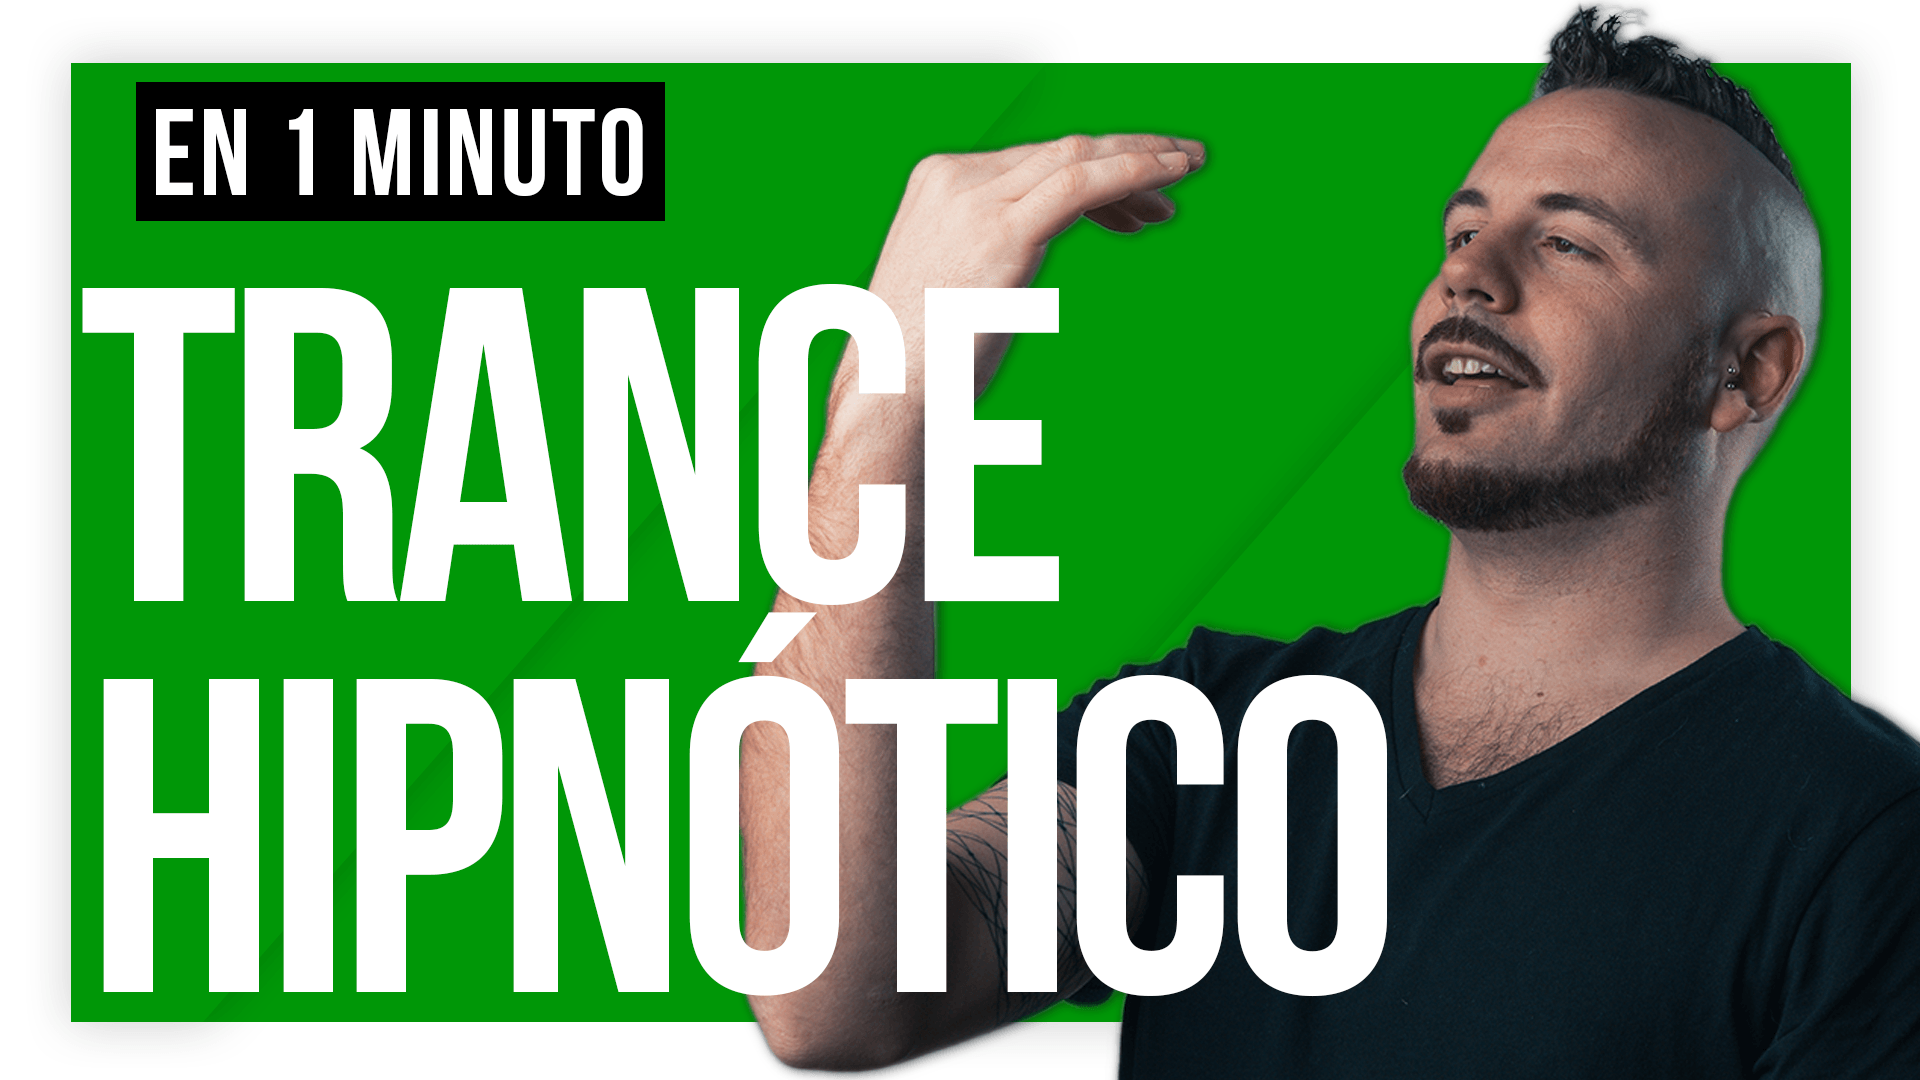 trance hipnotico